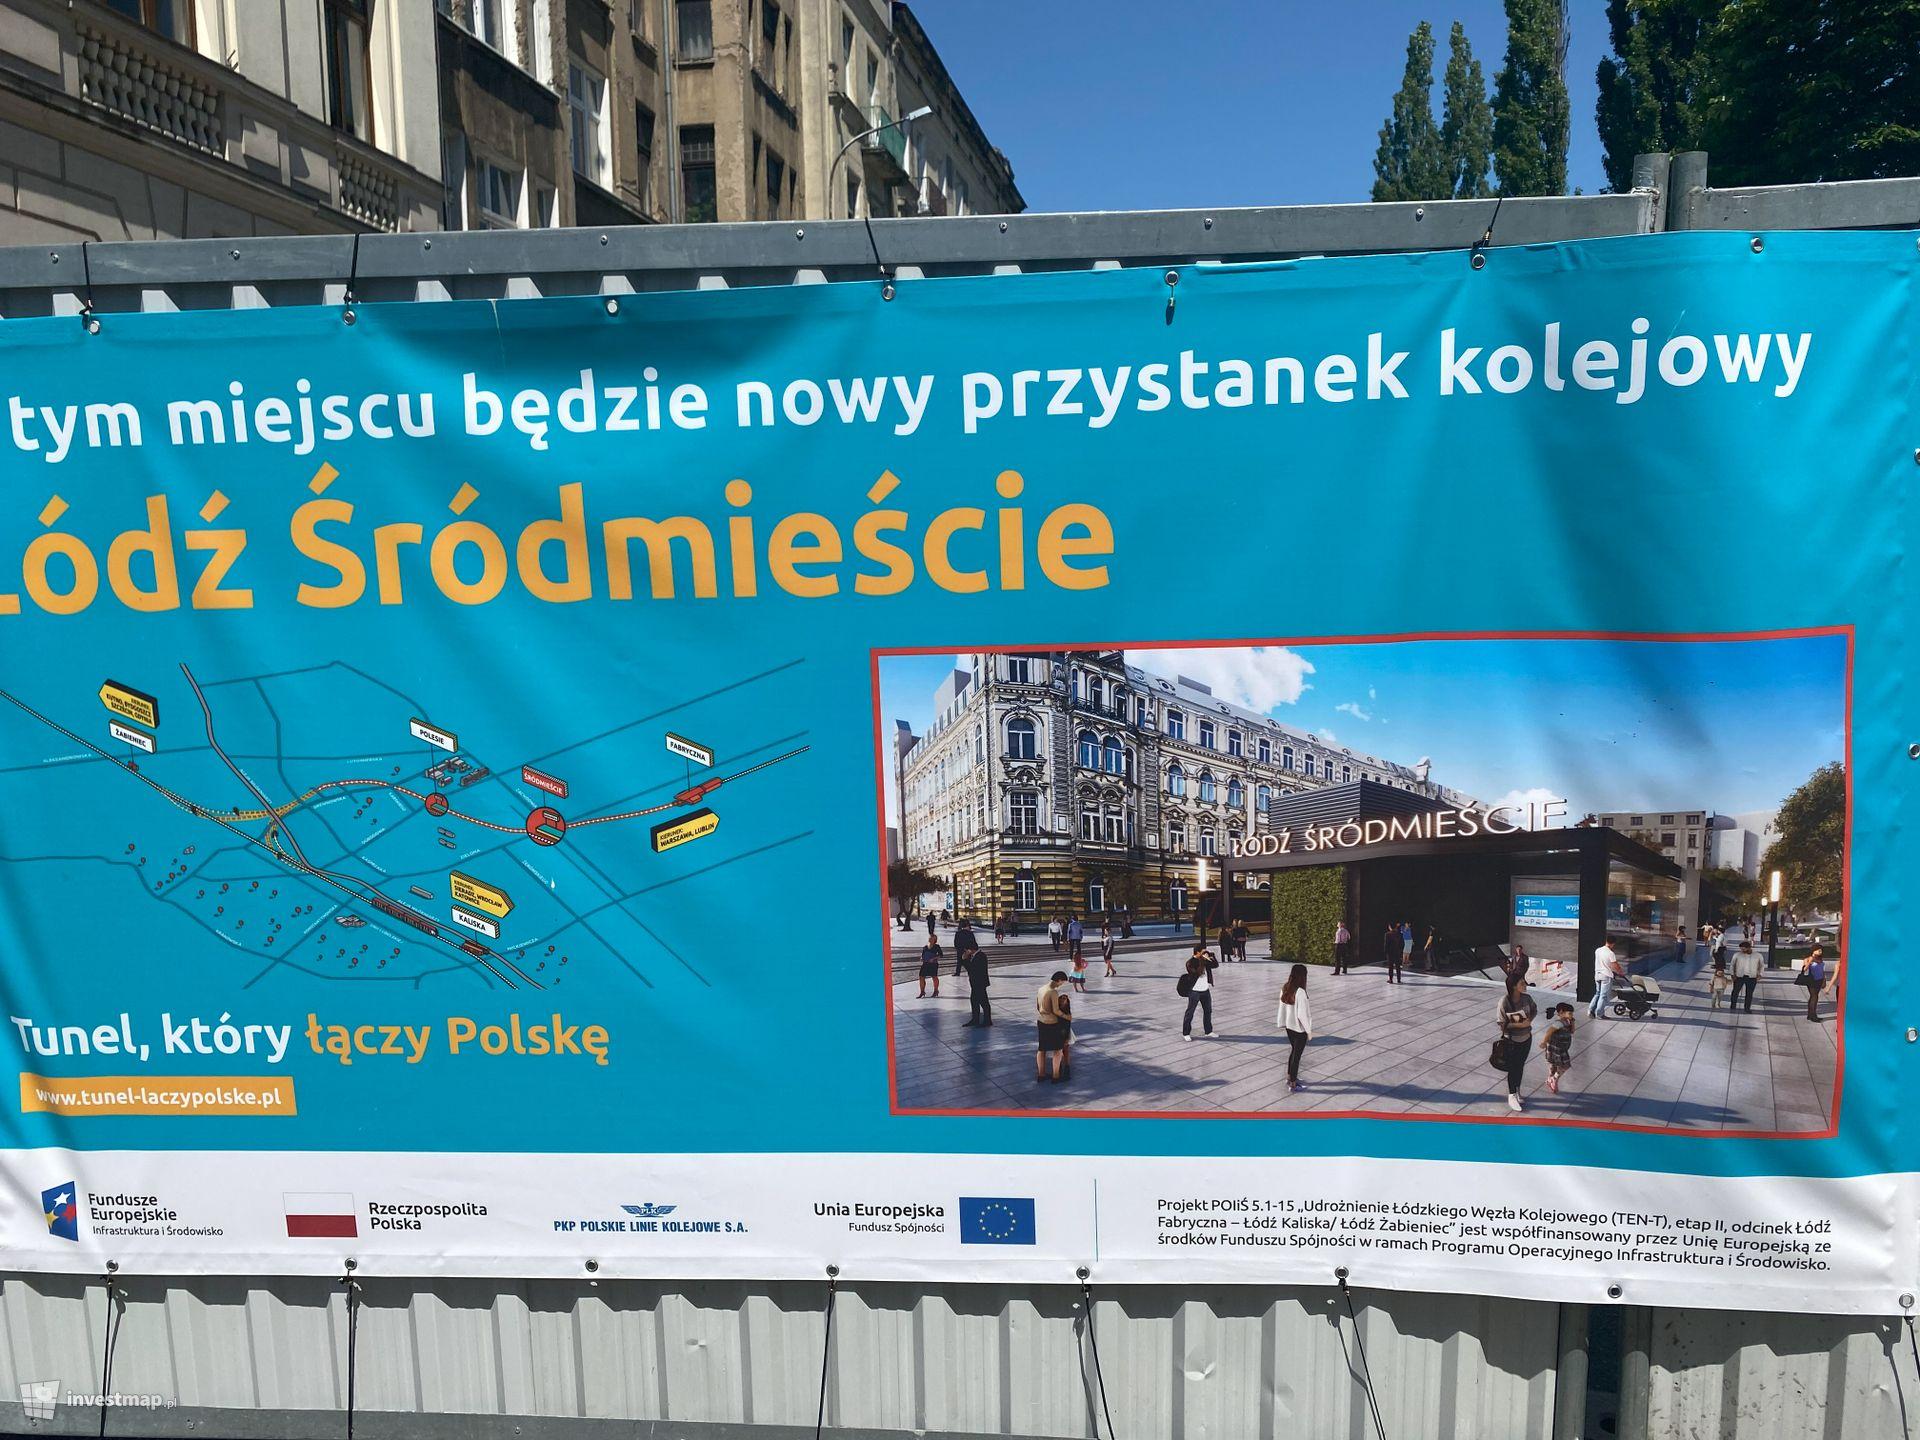 Przystanek kolejowy Łódź Śródmieście